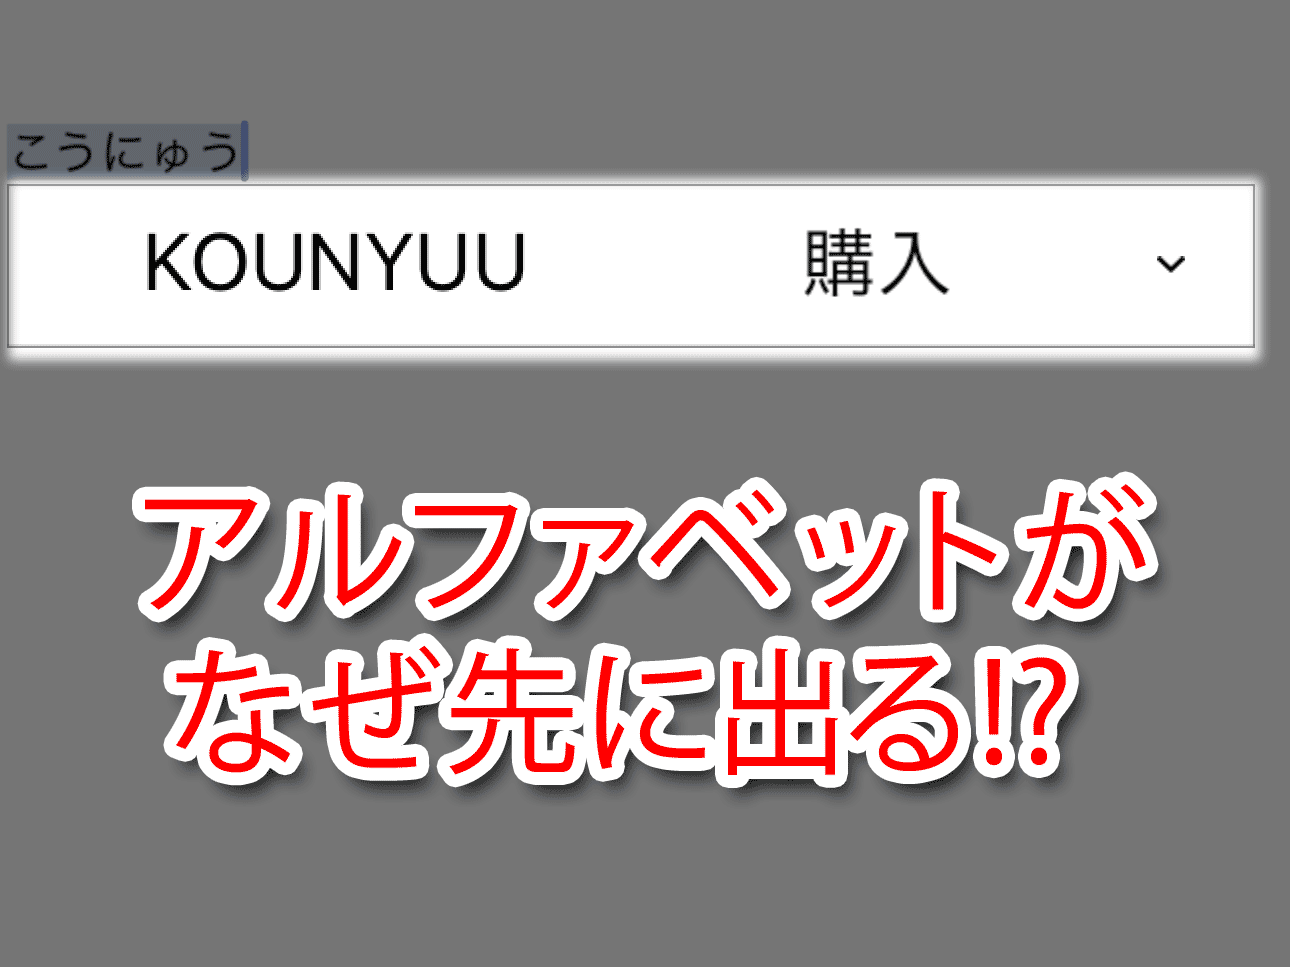 漢字変換候補で「アルファベット」が先に来る!